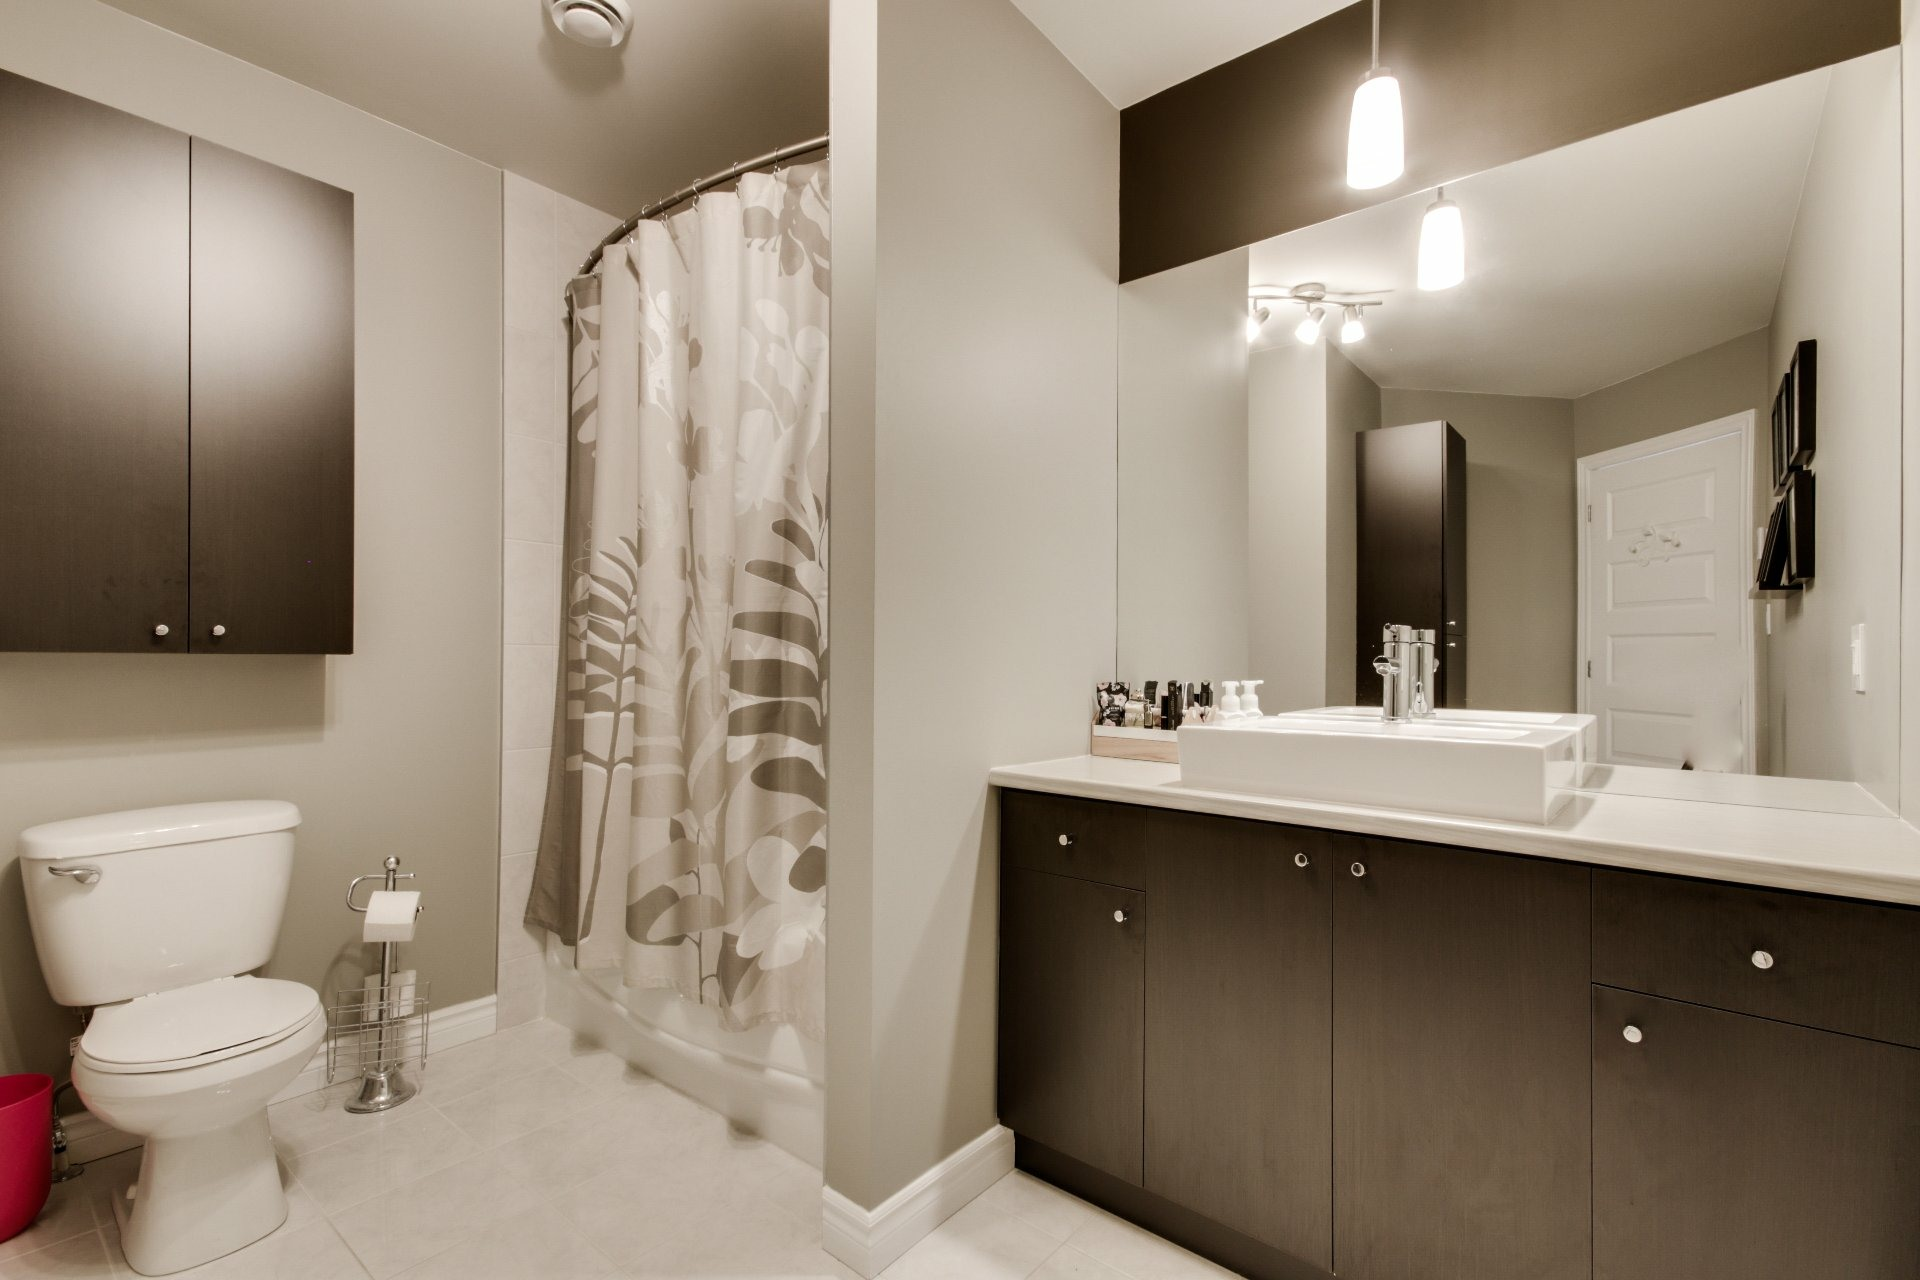 image 21 - Apartment For sale Trois-Rivières - 6 rooms